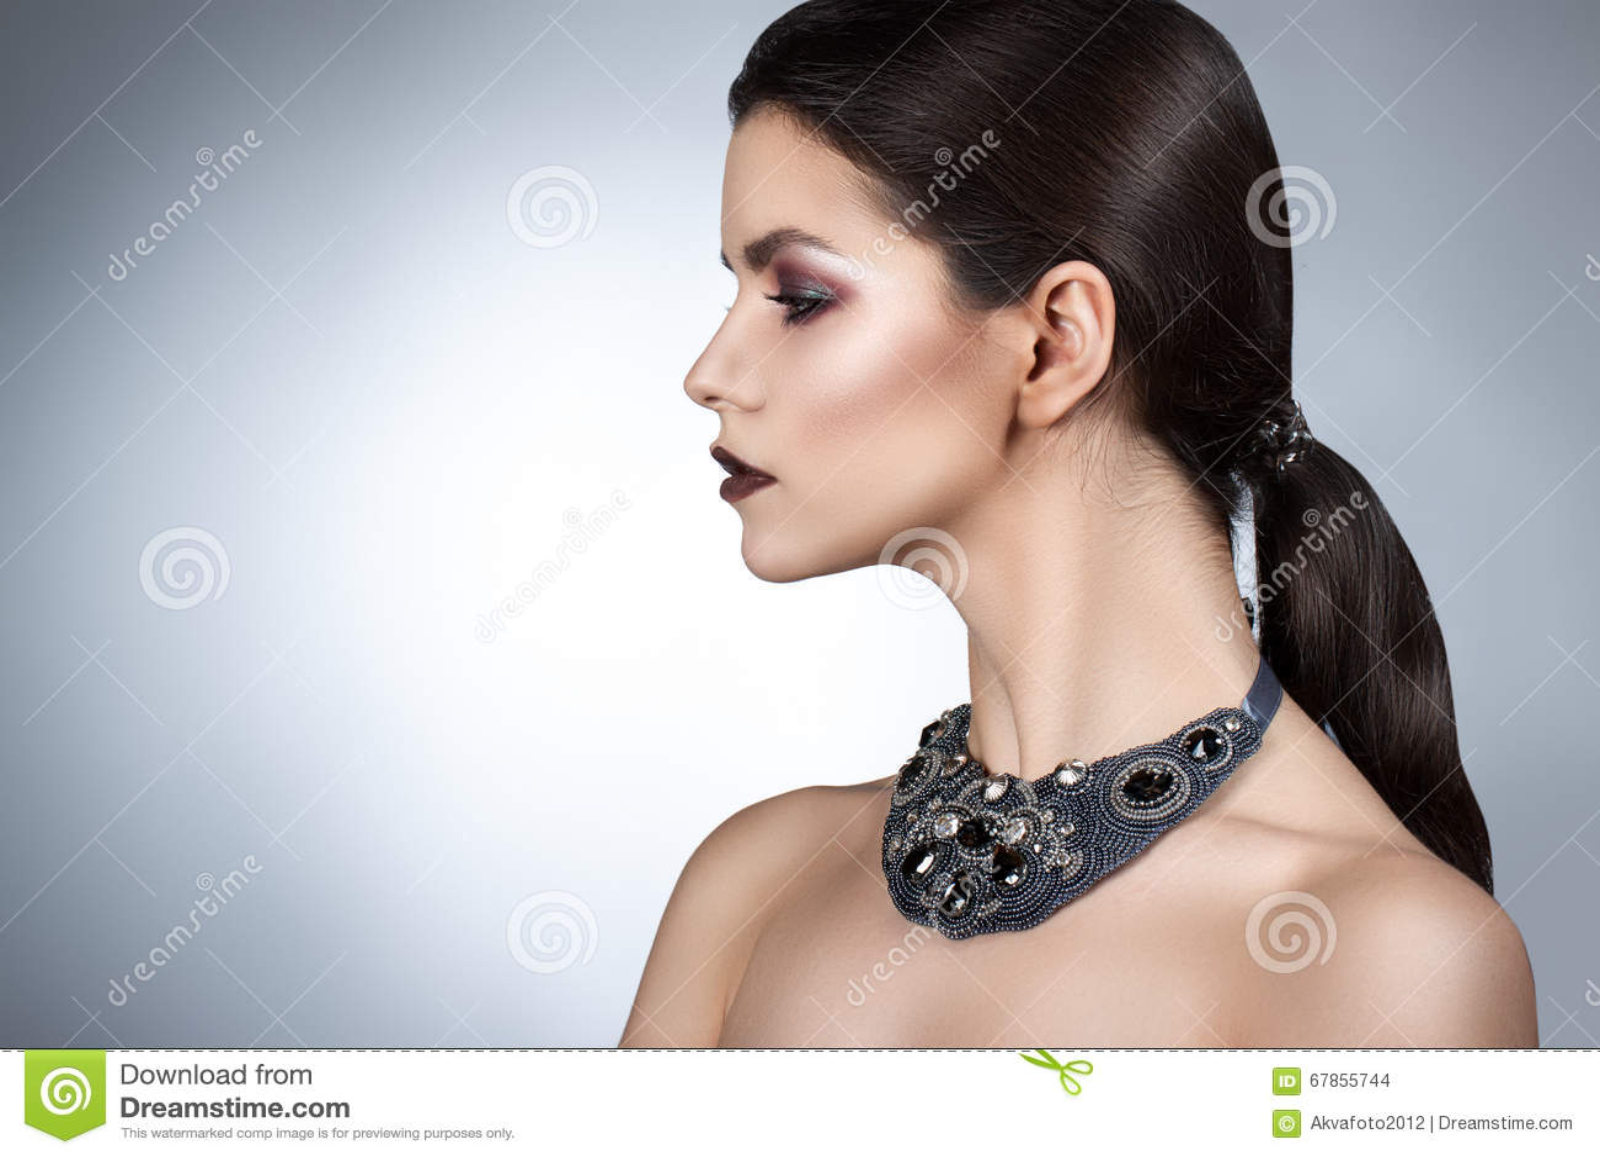 Reden Sie Perfektes Gesicht Des Frauenporträts Fachmann Machen An